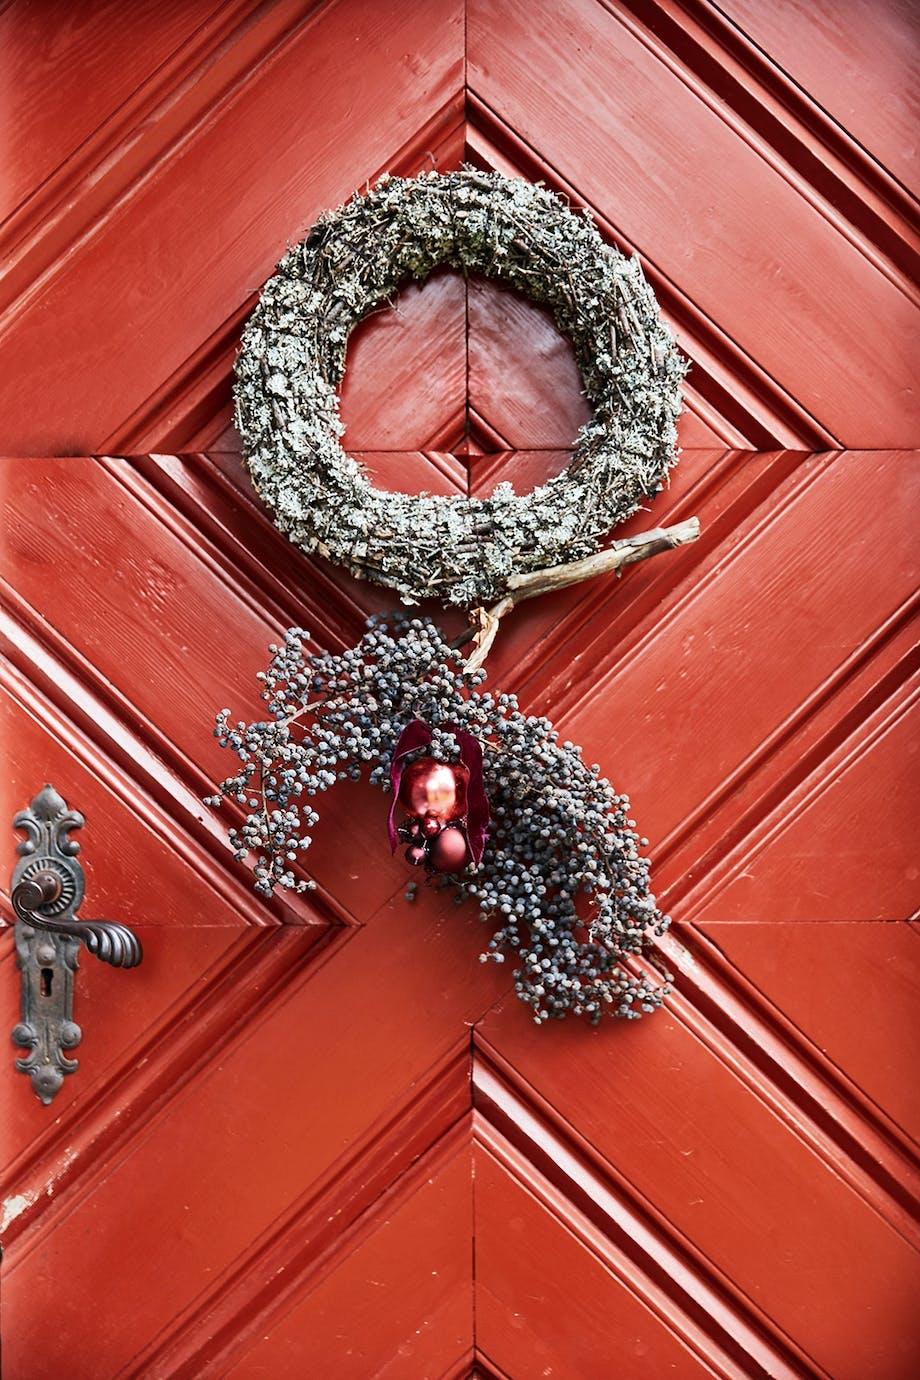 juledekoration krans dør pynt